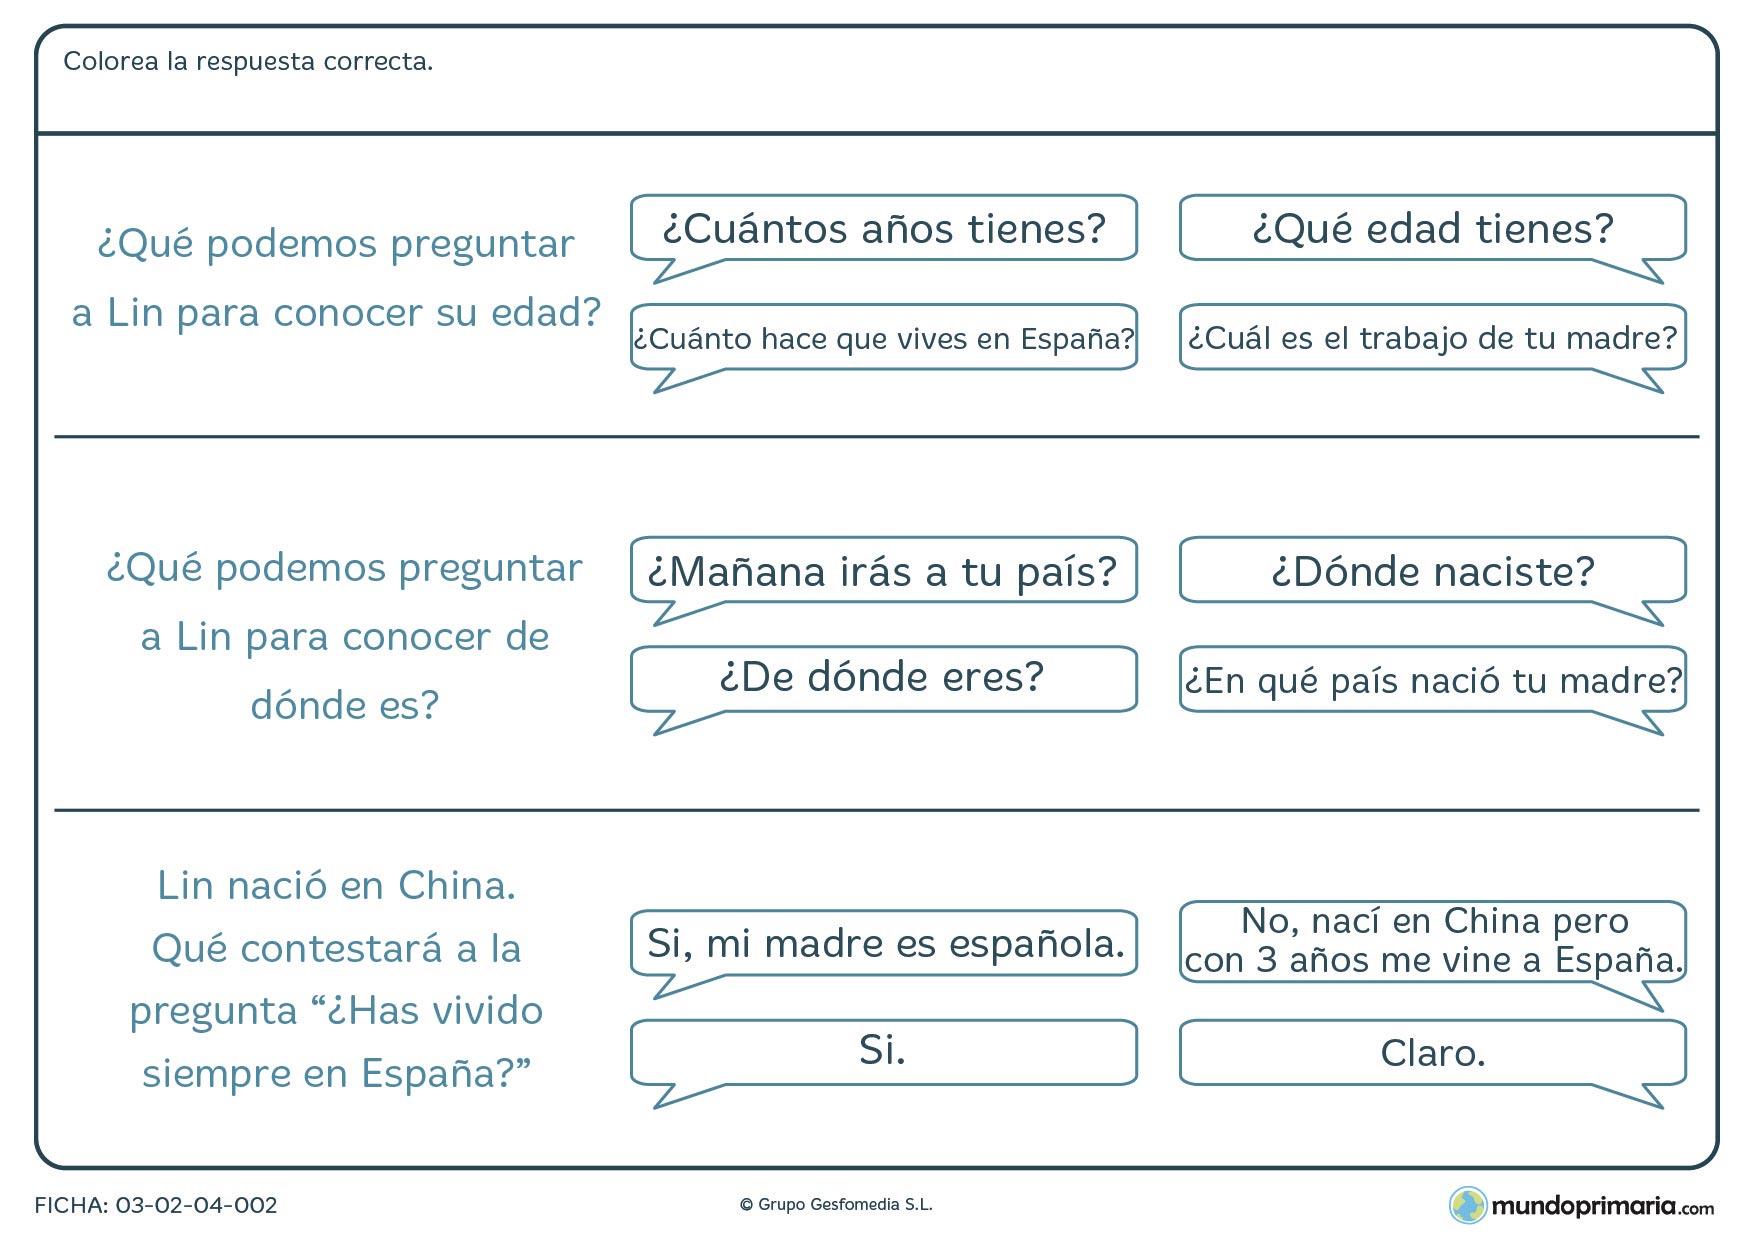 Ficha de respuestas y preguntas para niños de 7 a 8 años en la que debes relacionar cada pregunta con la respuesta más adecuada.